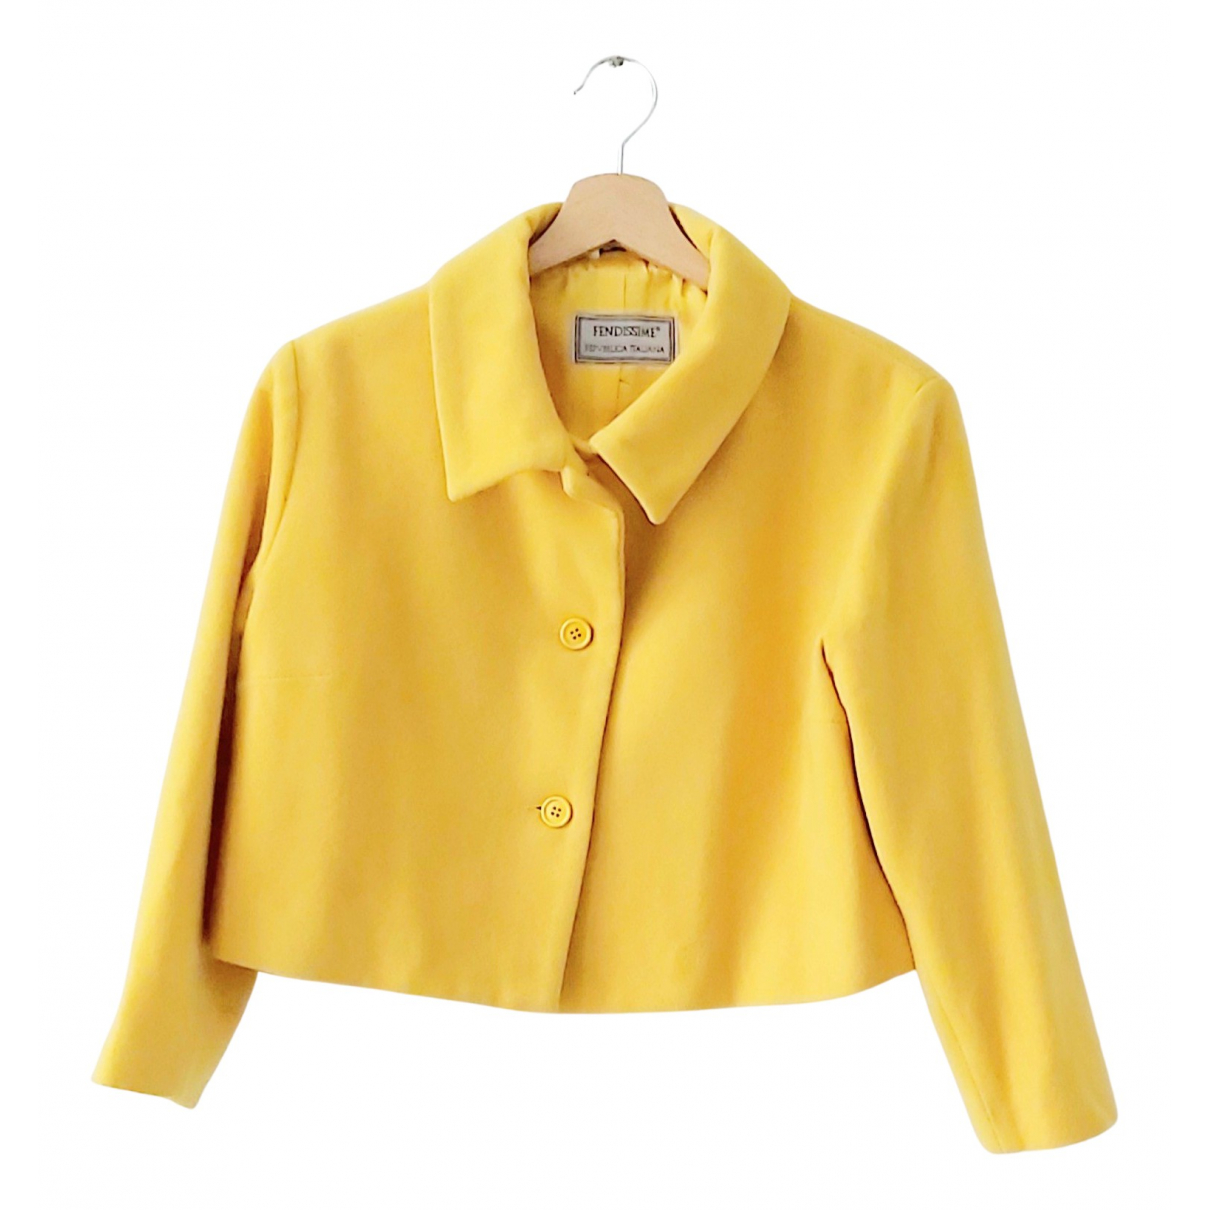 Fendissime \N Jacke in  Gelb Wolle